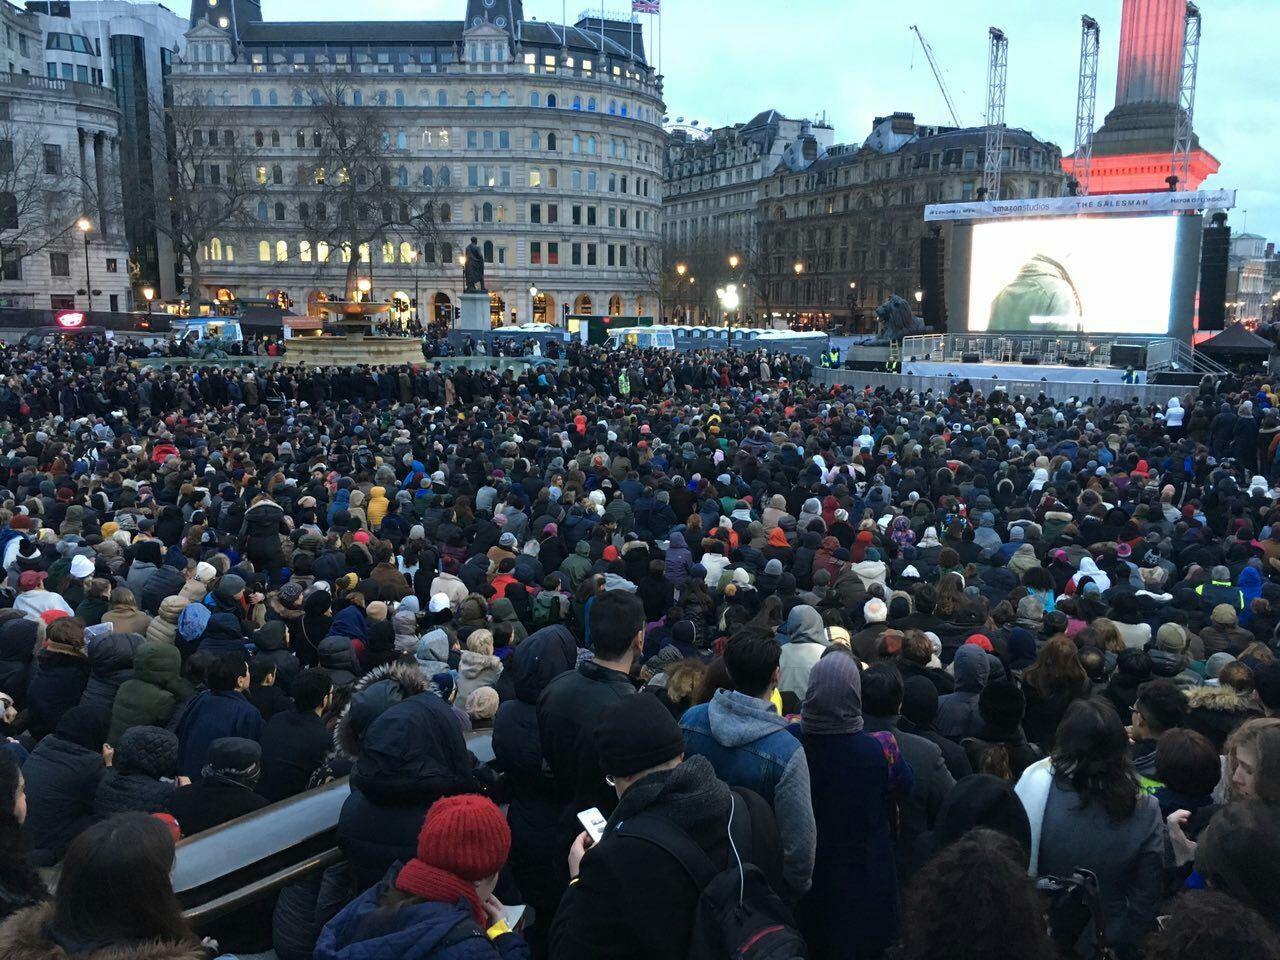 فروشنده ، میدان ترافالگار لندن را به هم ریخت | حضور بیش از ۱۰ هزار نفر در این مکان+تصاویر